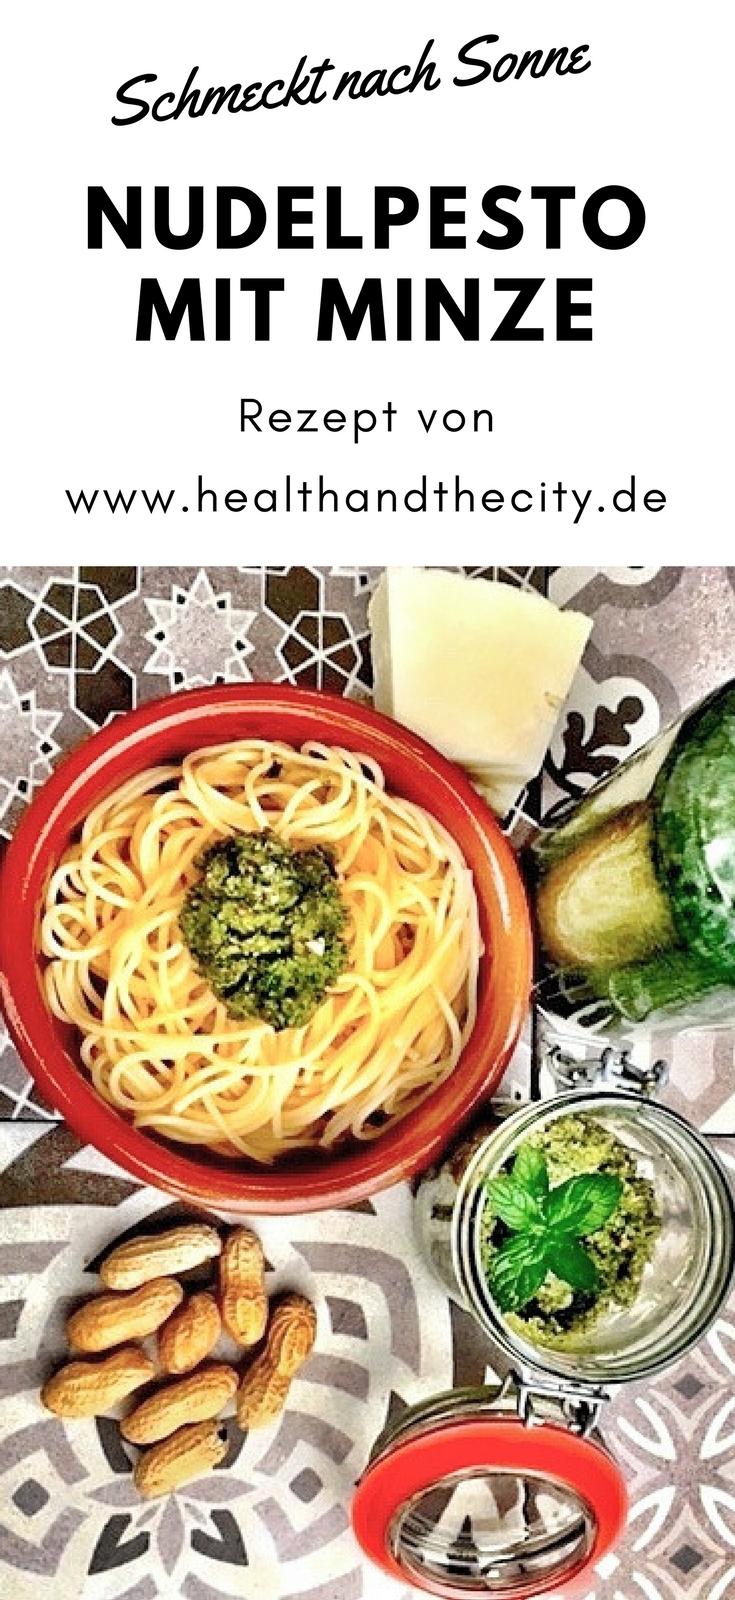 Minze Rezepte: Minze-Pest mit einer leicht schaften Note perfekt zu Nudeln; Rezept von healthandthecity.de